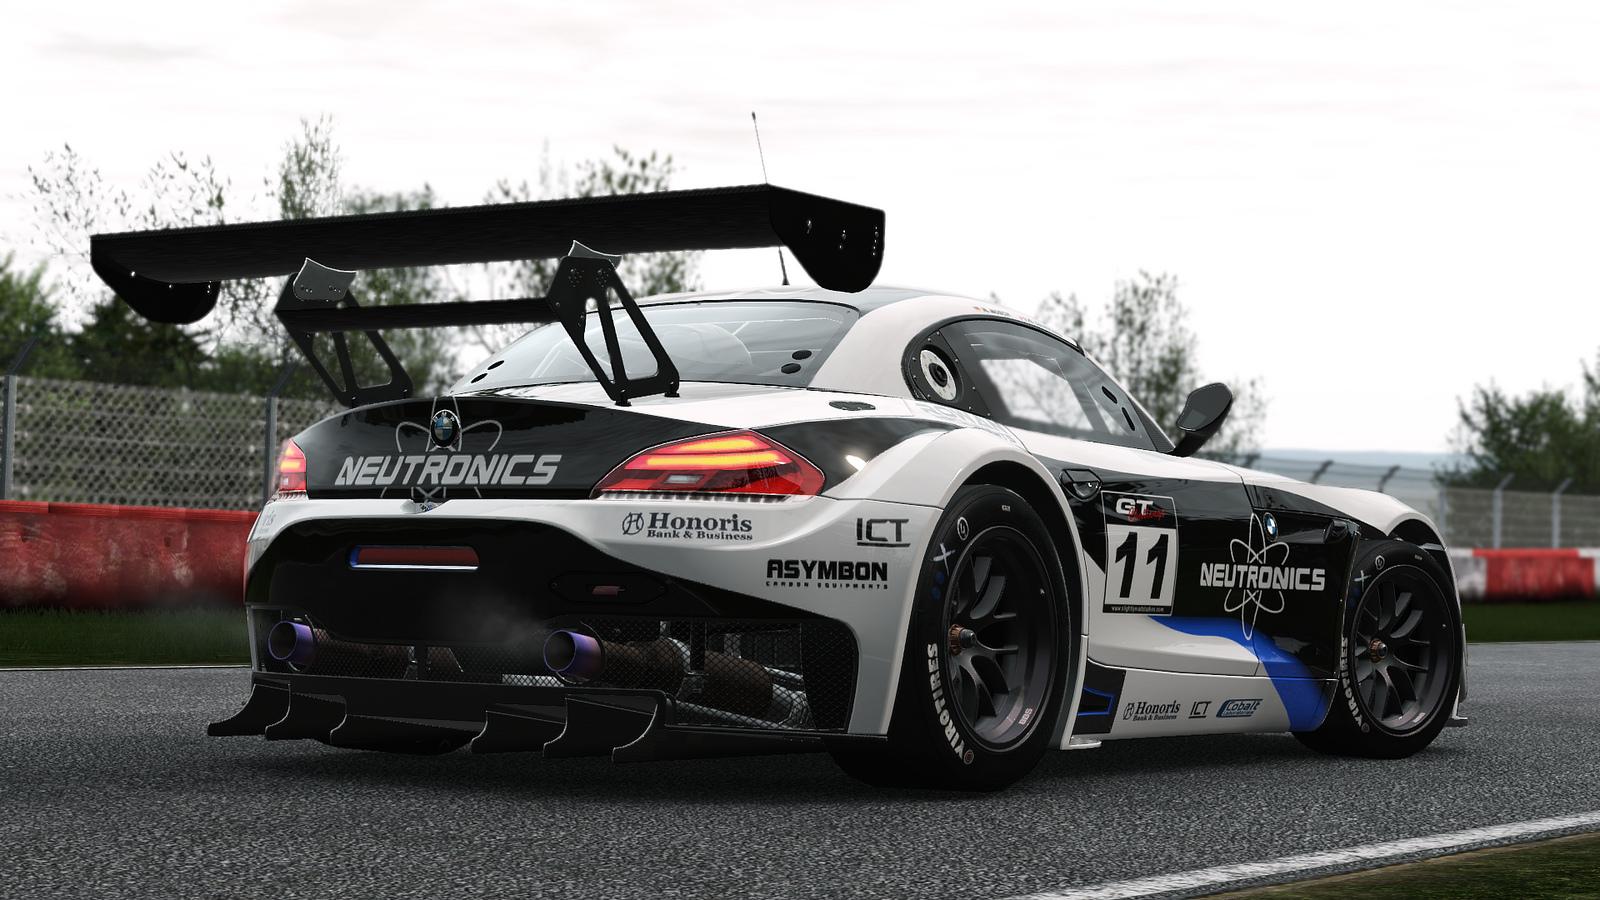 Project CARS: Így szimulátorozik egy igazi versenyző a Nordschleife versenypályán